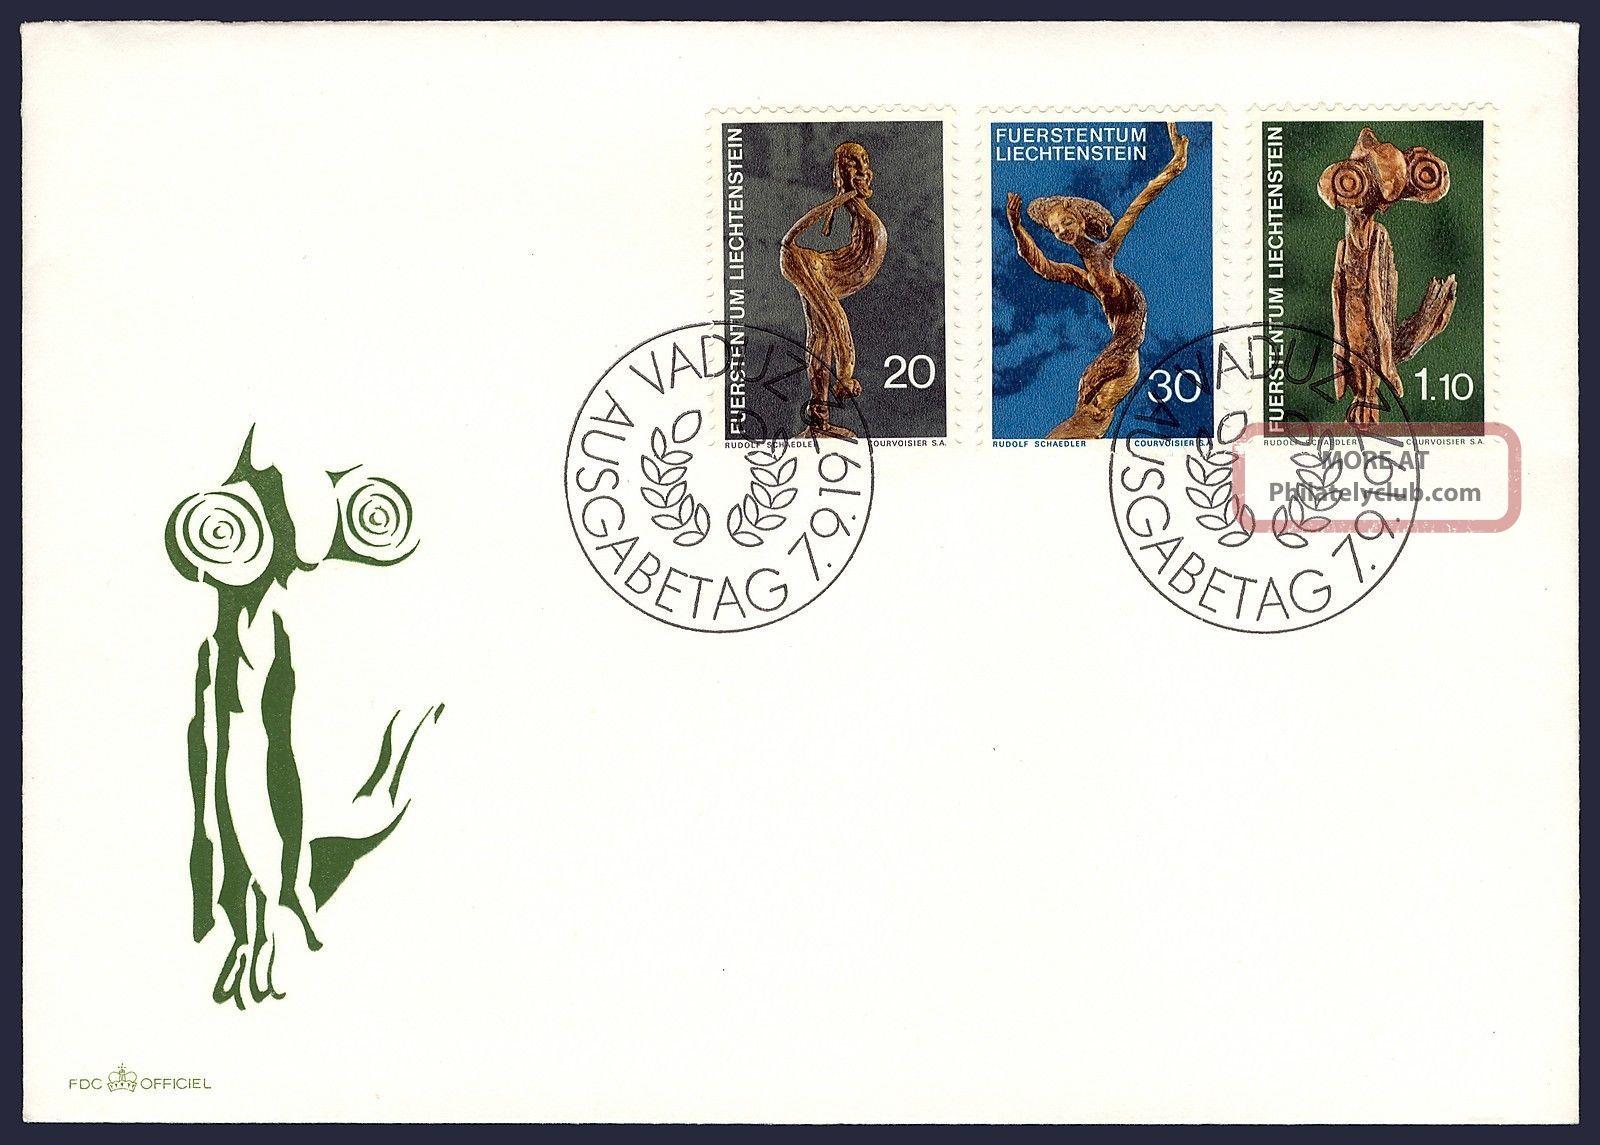 Worldwide: Liechtenstein Fdc Sculptures By Rudolf Schadler Ph - 032 Worldwide photo